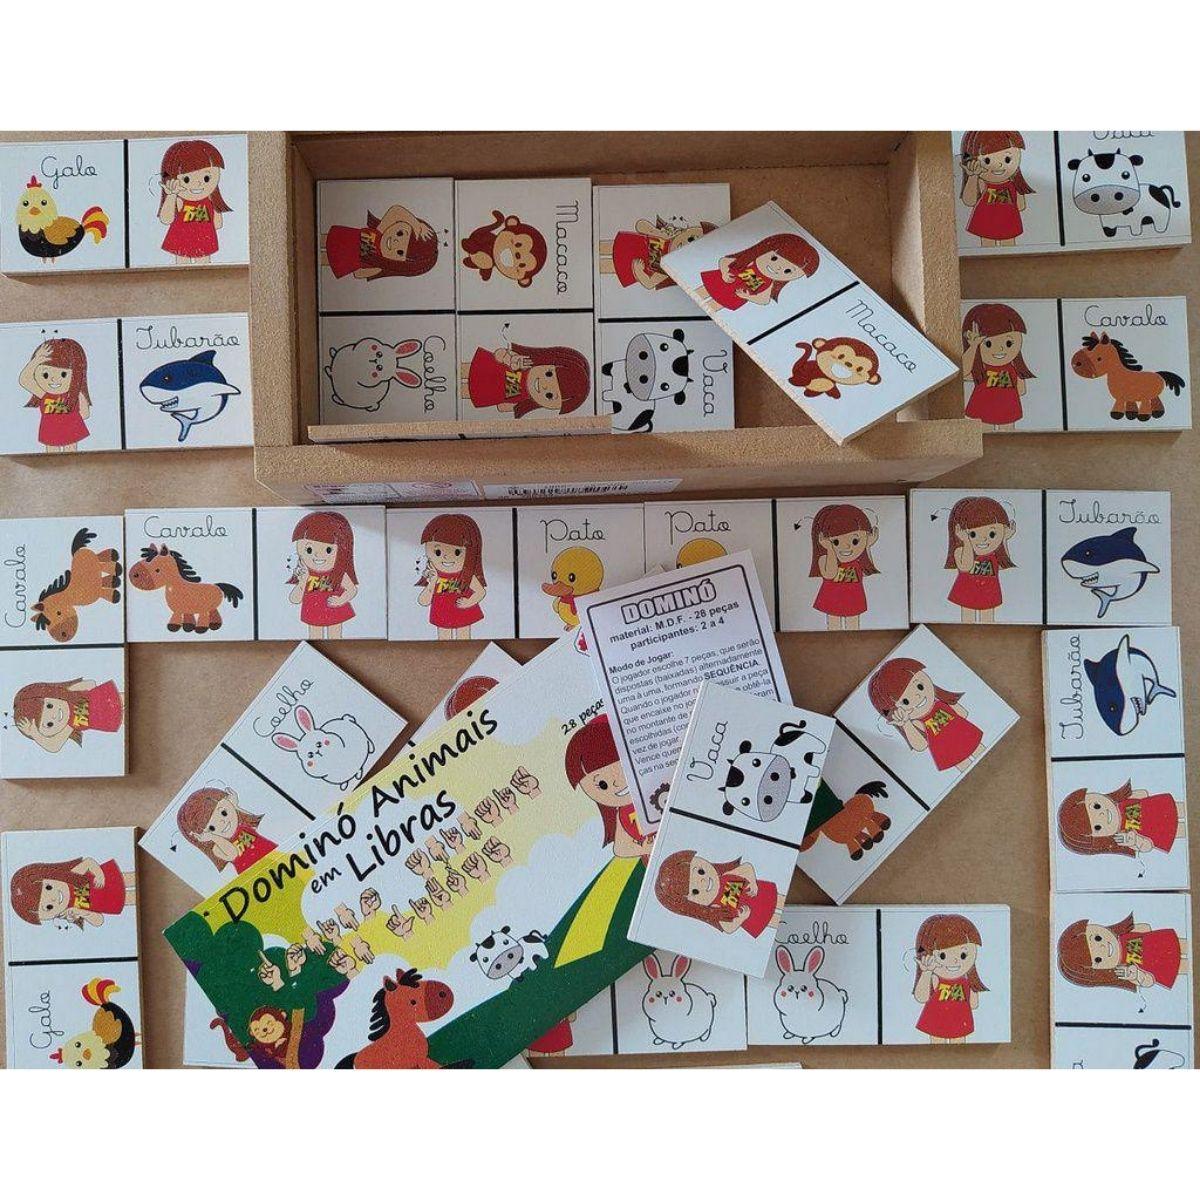 Brinquedo Educativo Domino Libras - Animal